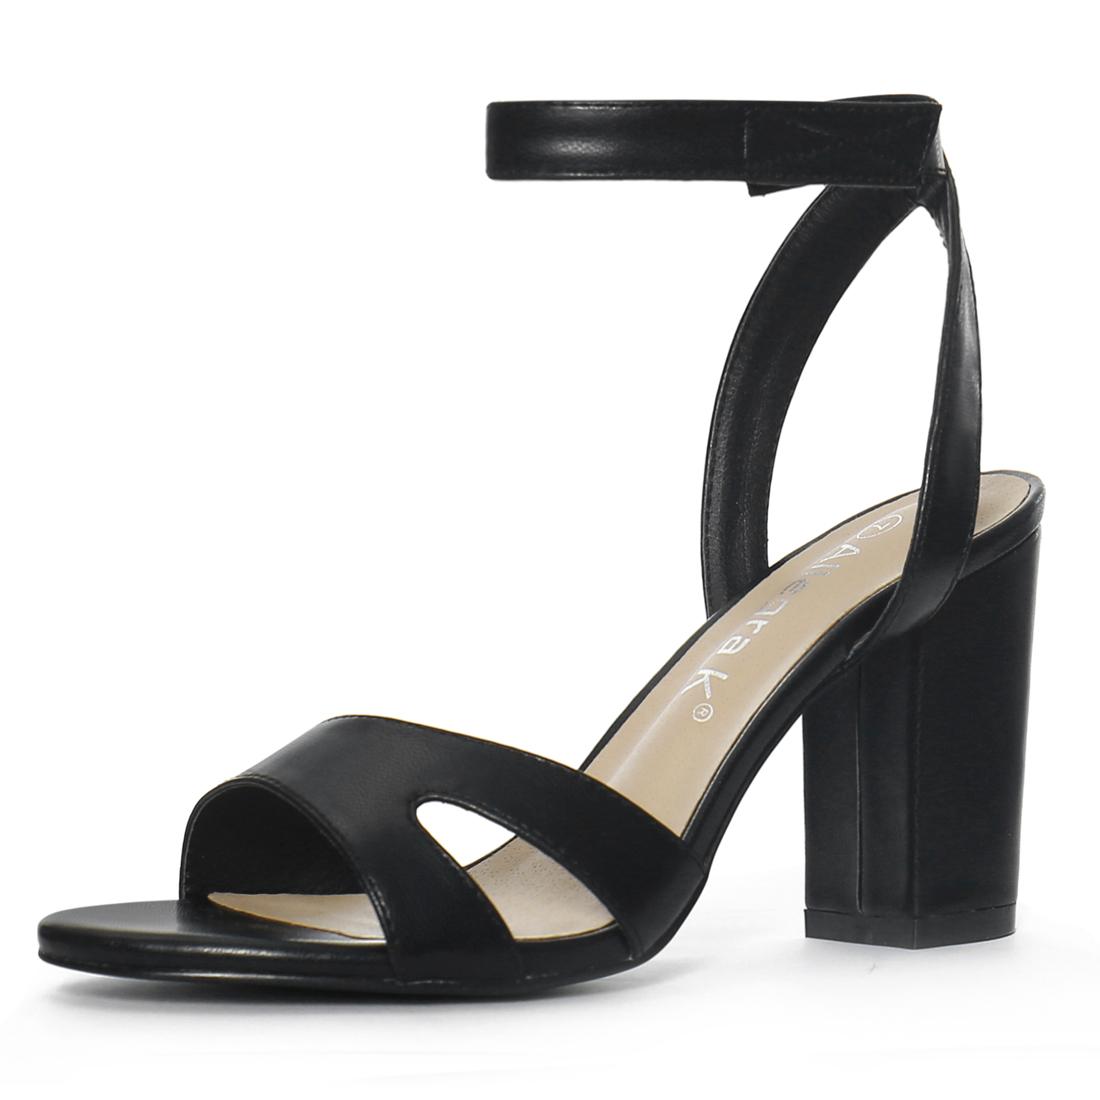 Women Open Toe Block High Heels Ankle Strap Sandals Black US 7.5